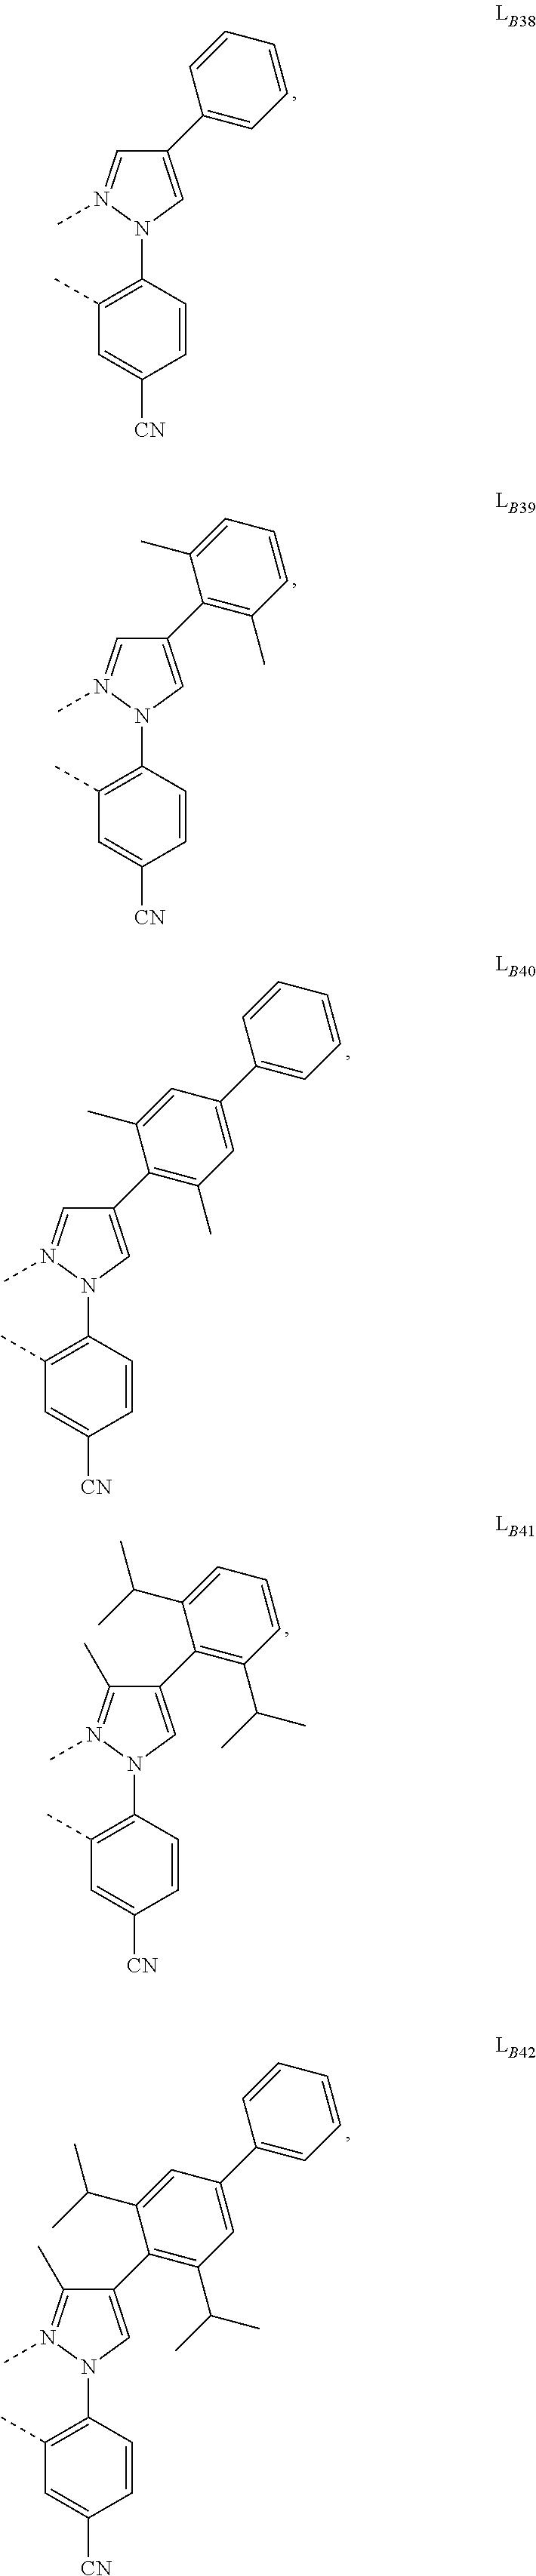 Figure US09905785-20180227-C00506